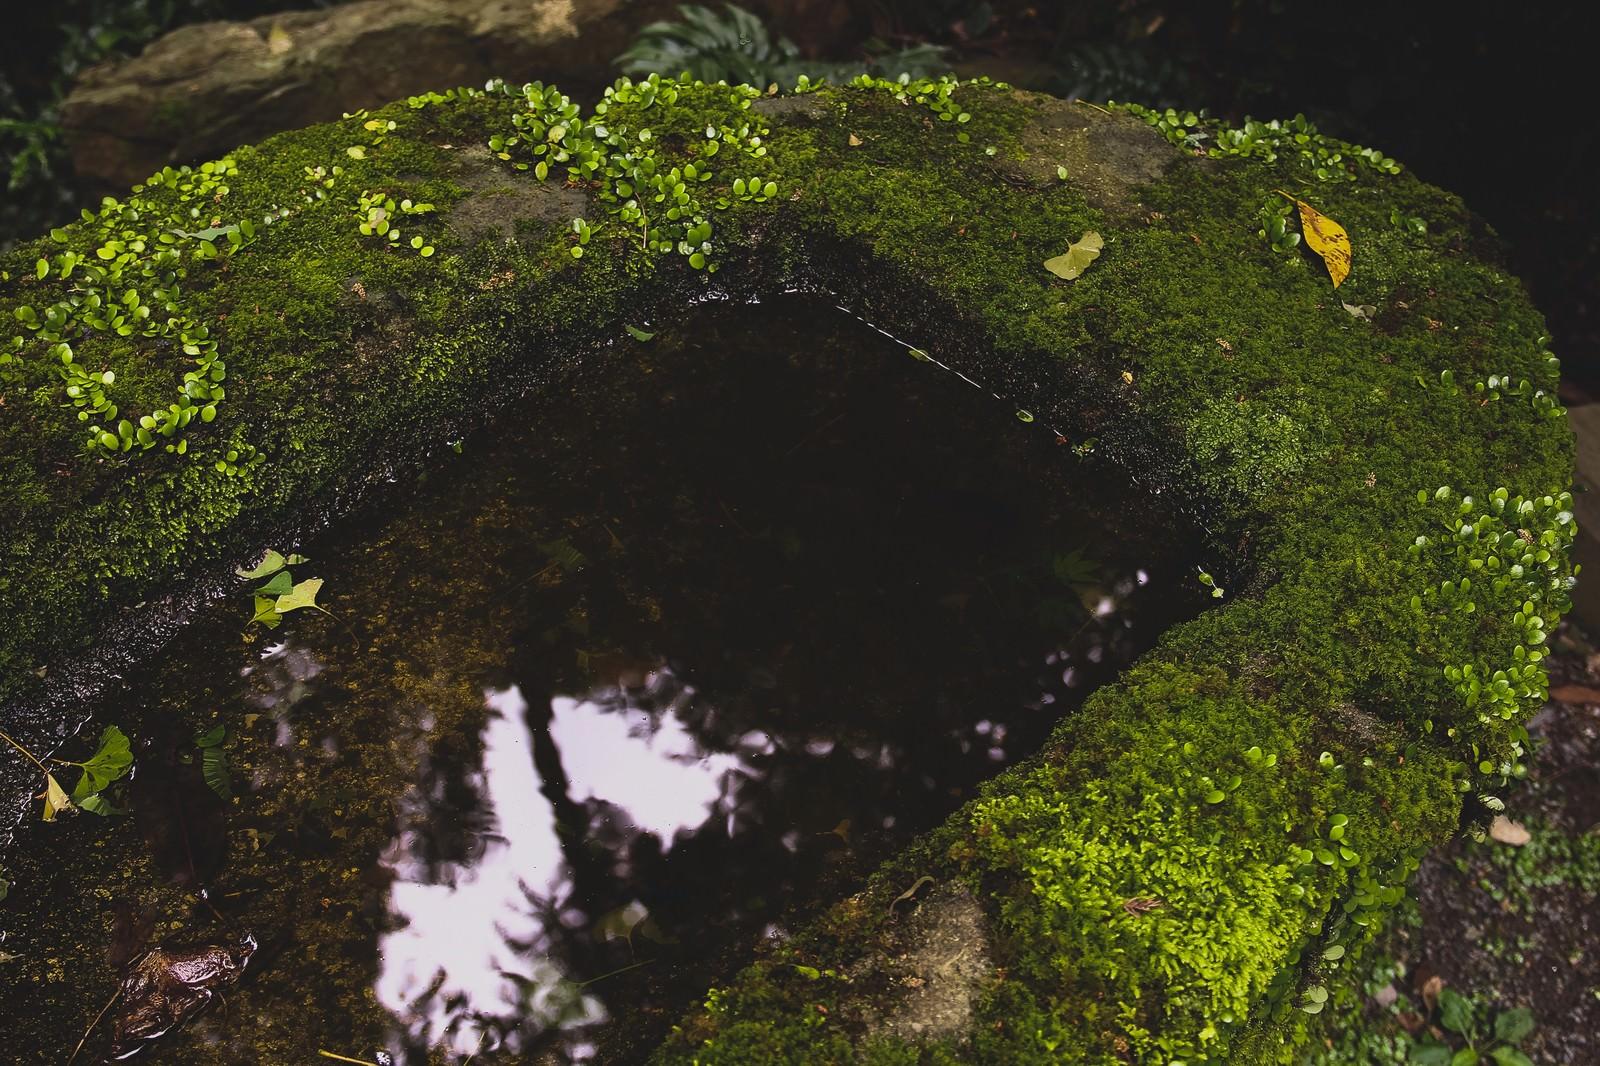 「手入れされていない手水場手入れされていない手水場」のフリー写真素材を拡大